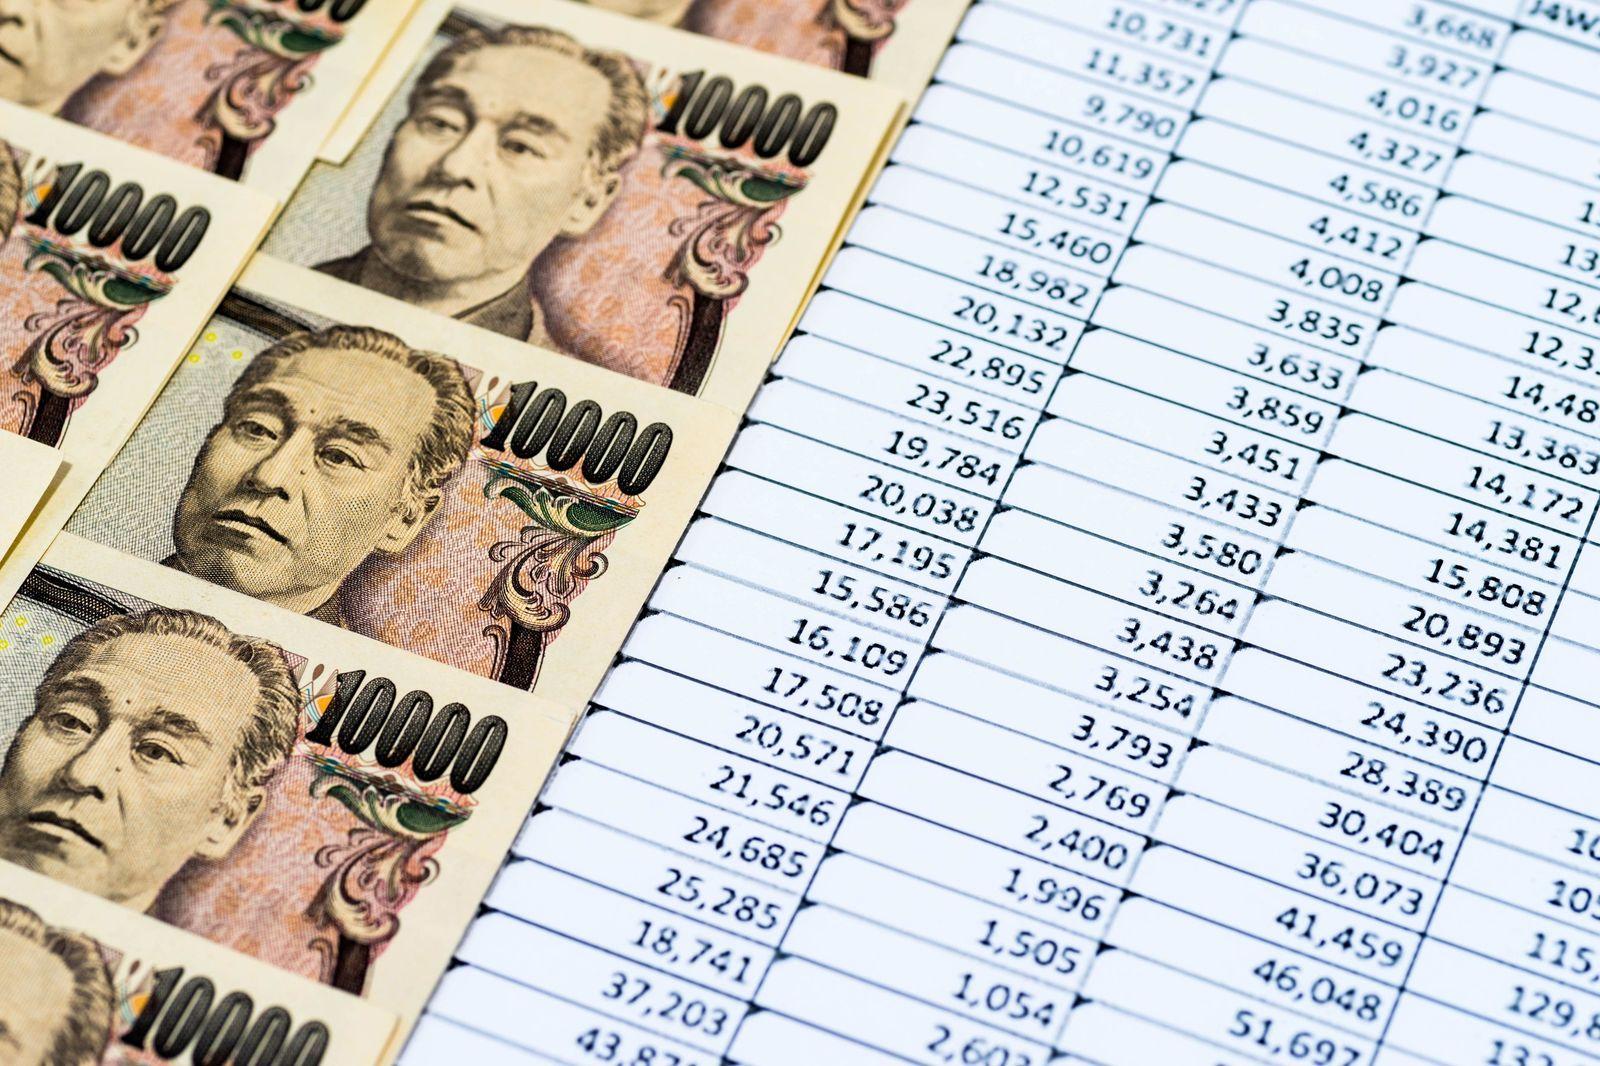 竹中平蔵「日本の1000兆円の借金は問題ない」 重要なのは資産と負債のバランス